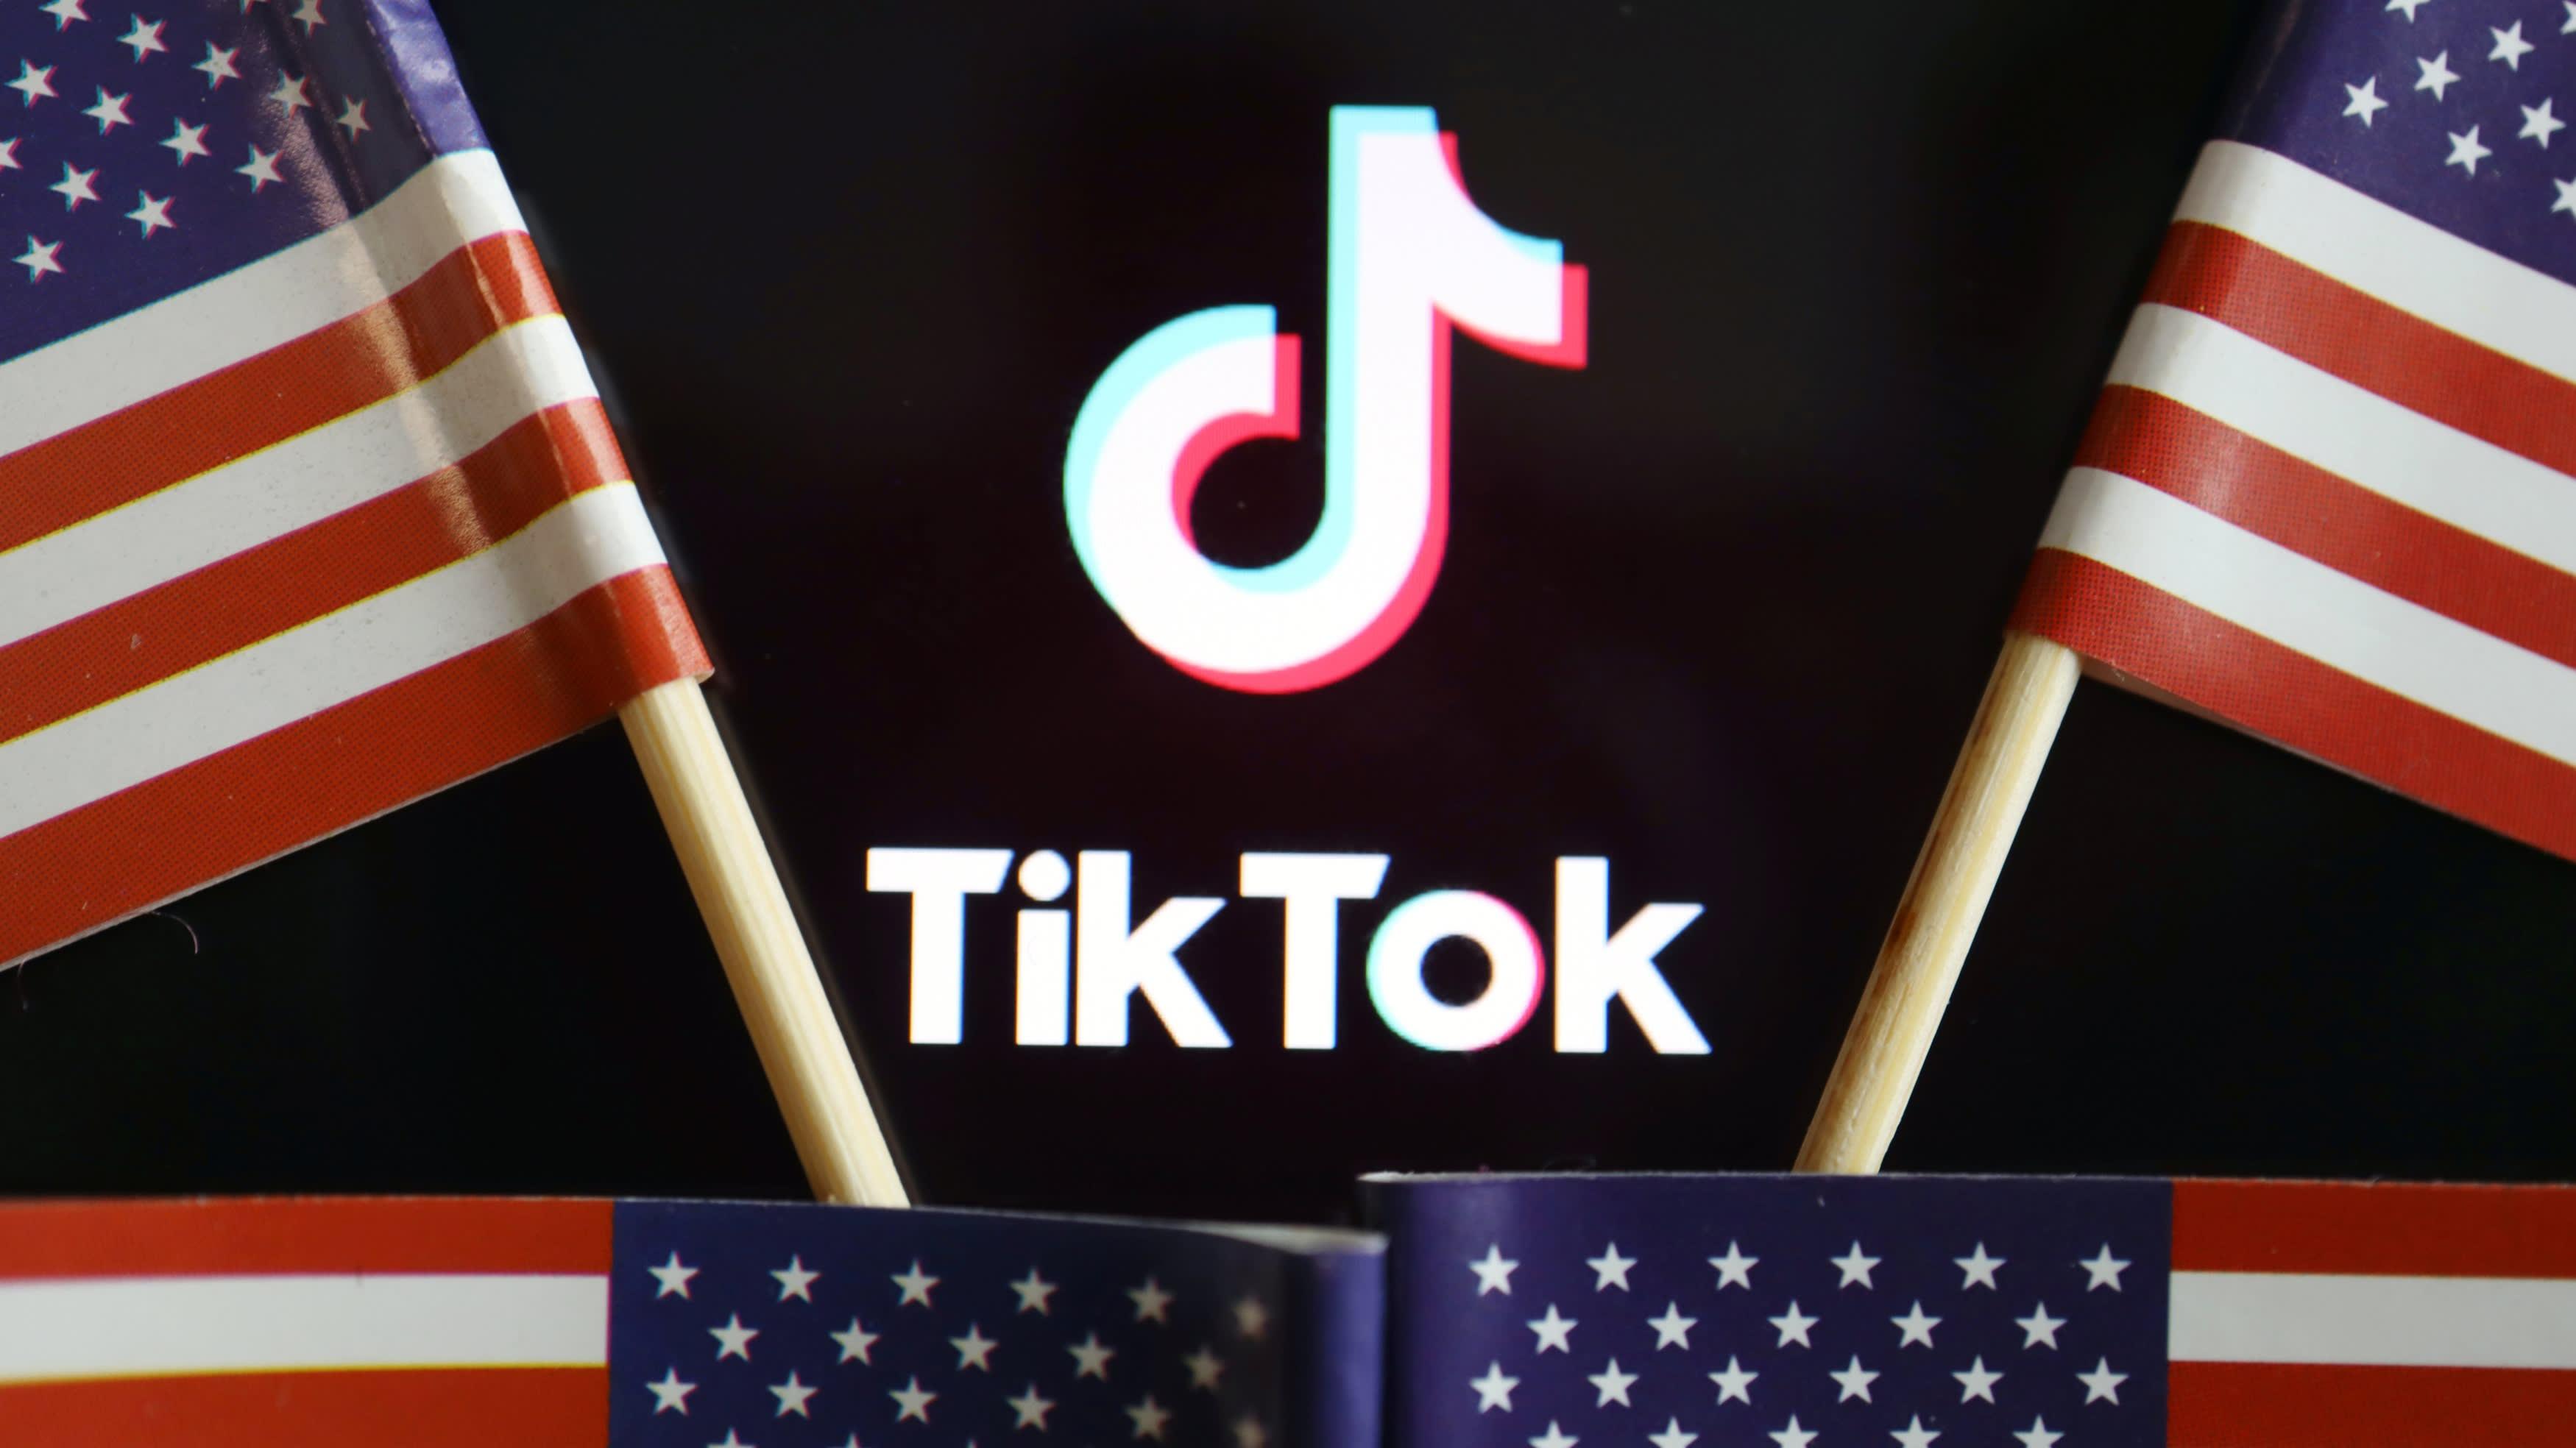 Nhà đầu tư Mỹ muốn mua lại TikTok từ tay chủ sở hữu Trung Quốc - Ảnh 1.